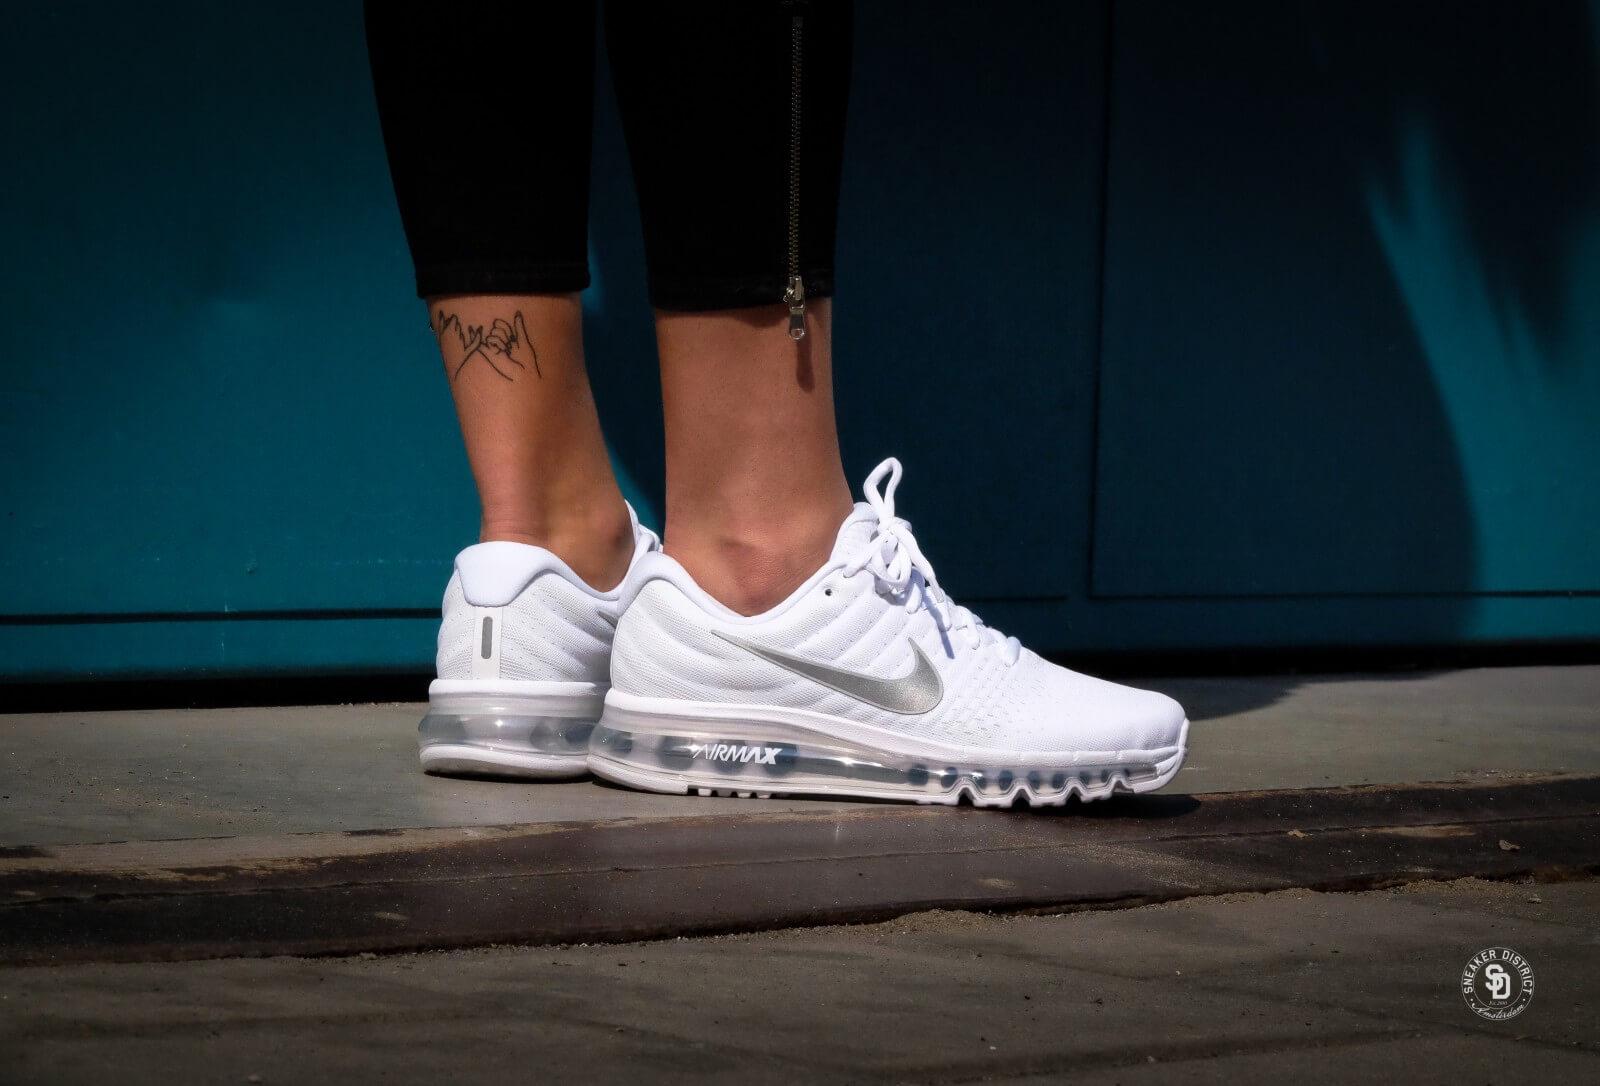 Nike Air Max 2017 (GS) White/Metallic Silver - 851622-100